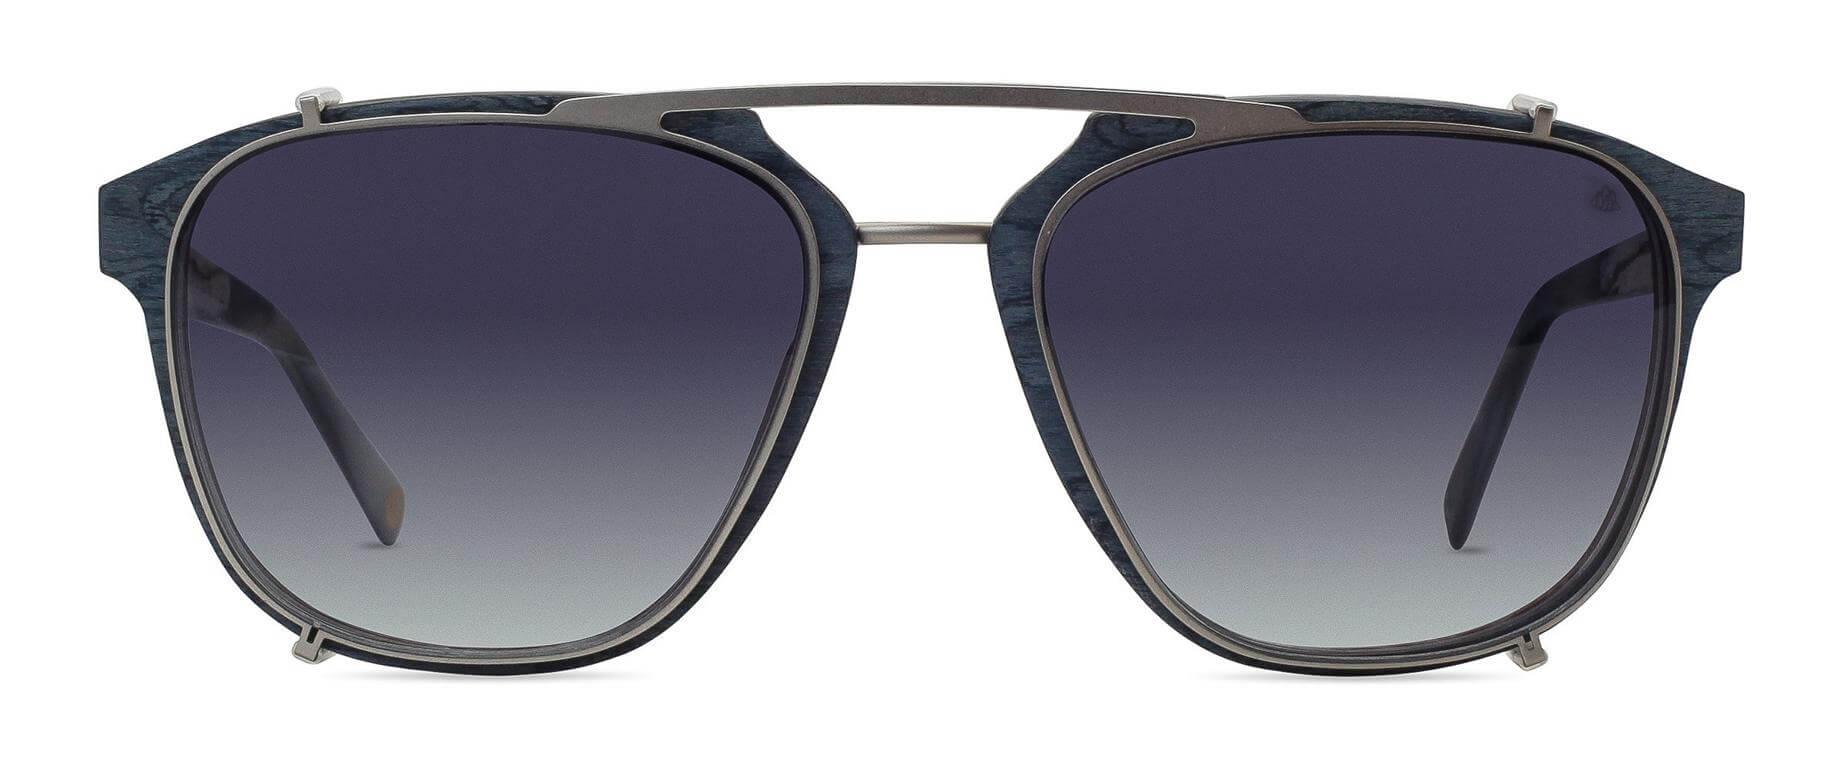 EINSTOFFEN - Sonnenbrille - Modell: Aeronout